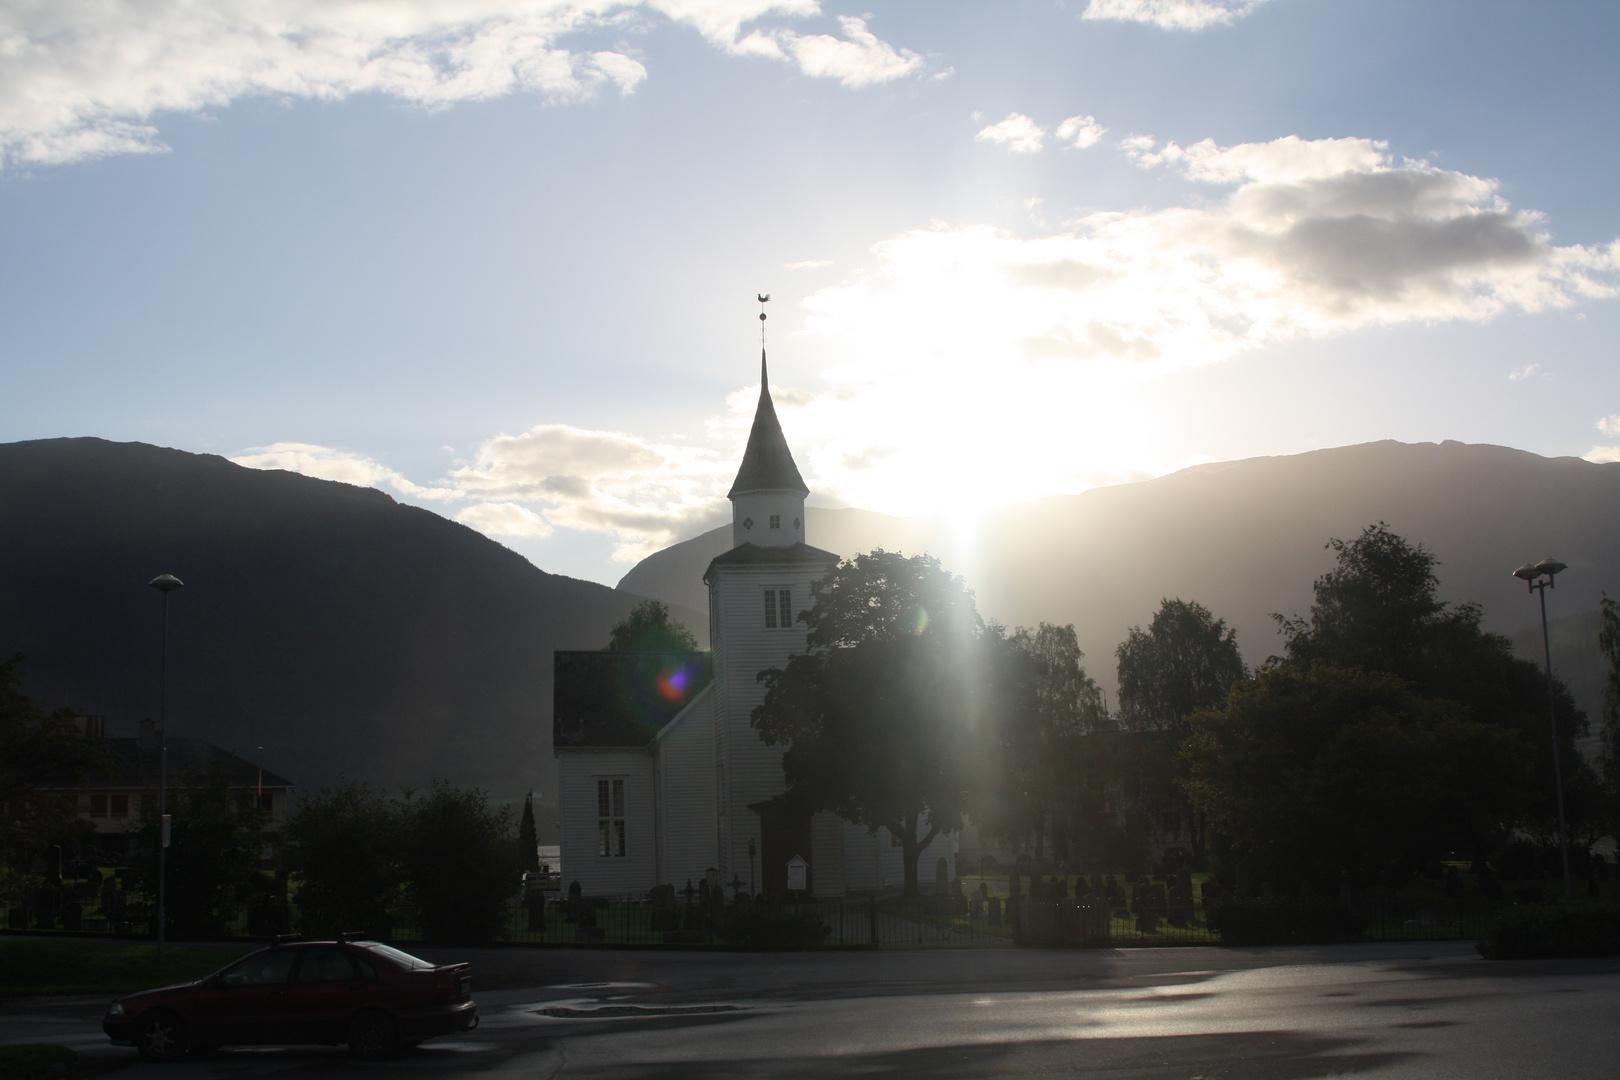 Friedliches leben in Norway